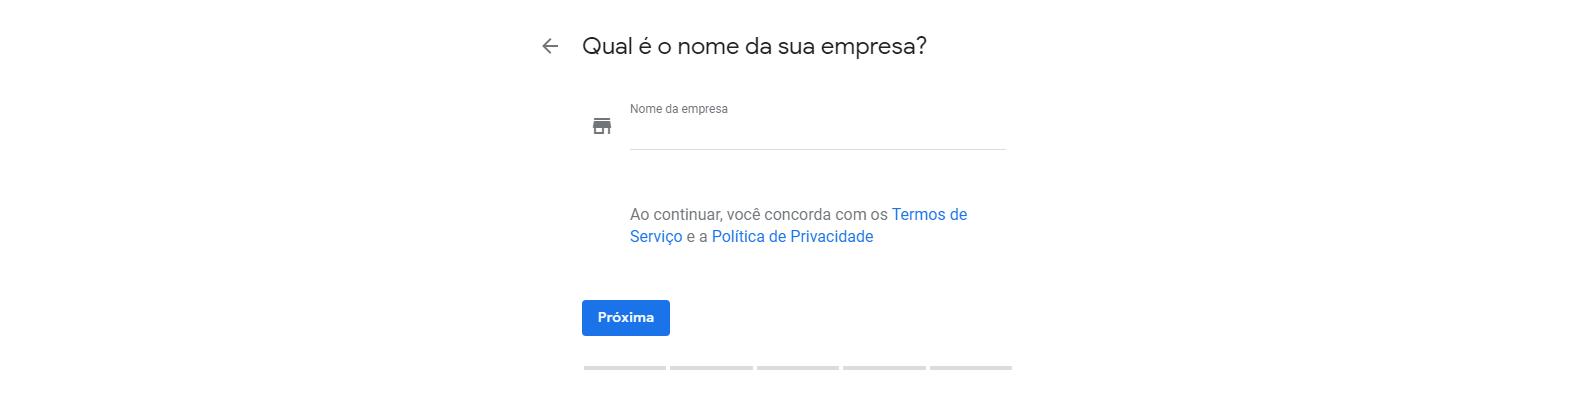 Terceiro passo para cadastrar empresa no Google Meu Negócio. Nesta tela você coloca o nome da empresa.